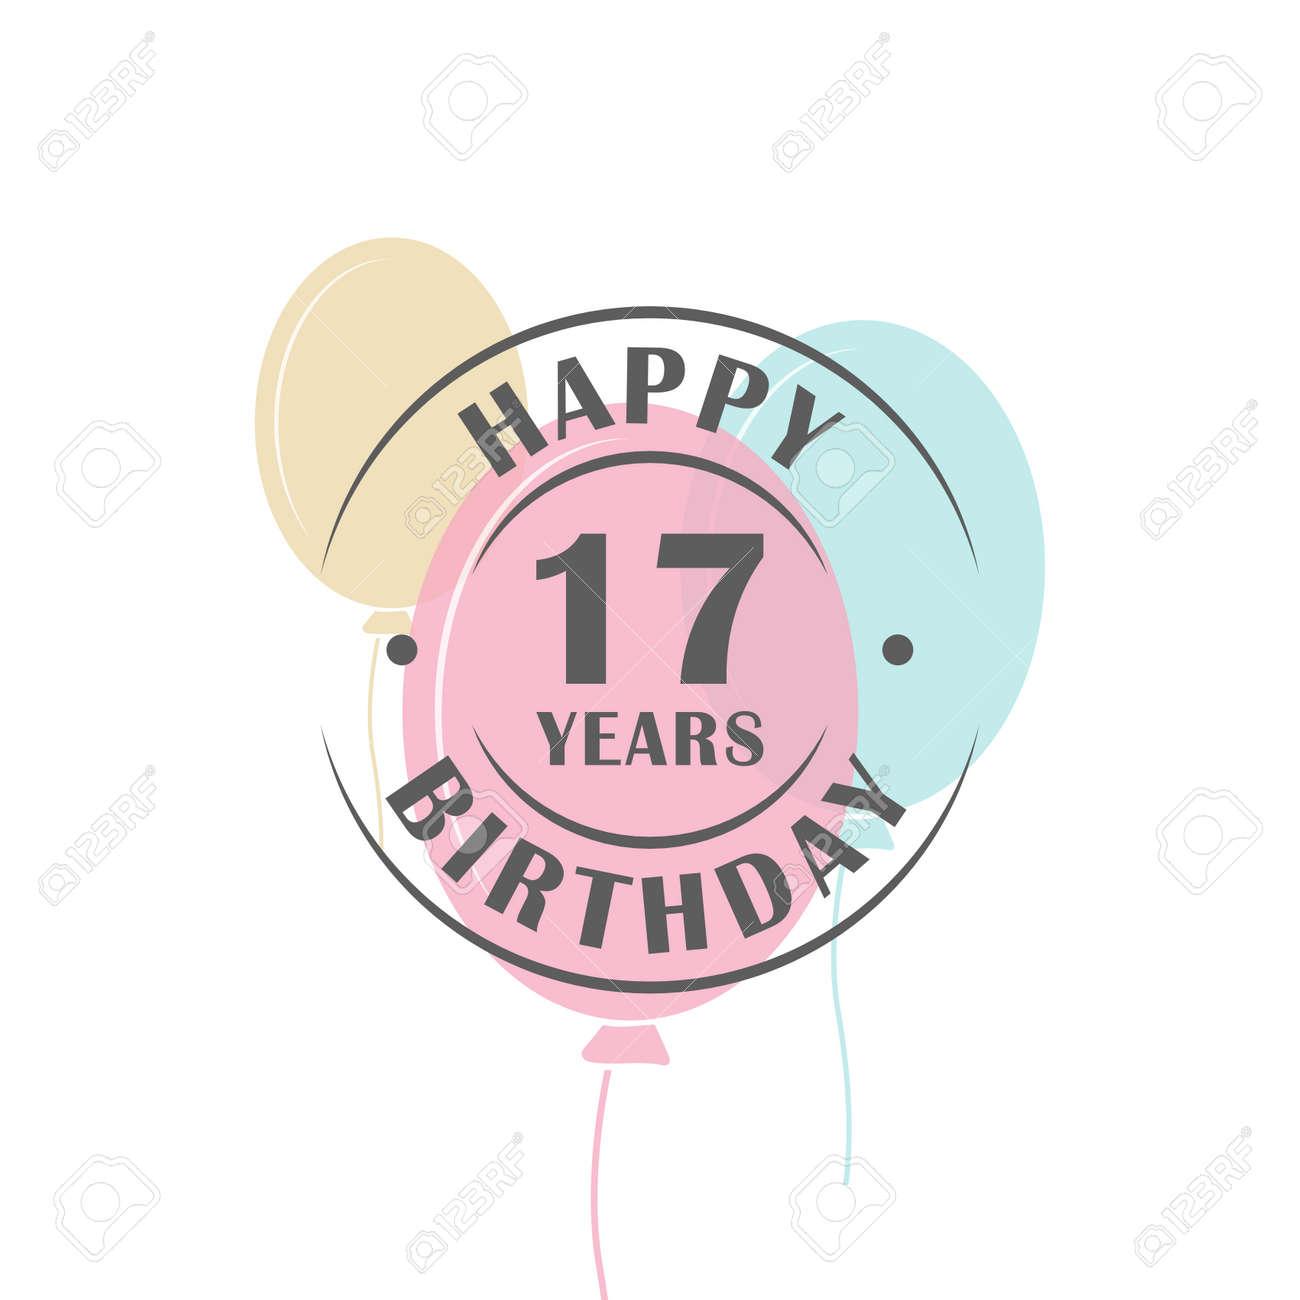 Joyeux Anniversaire Logo 17 Ans Ronde Avec Des Ballons De Fete Modele De Carte De Voeux Clip Art Libres De Droits Vecteurs Et Illustration Image 65864414